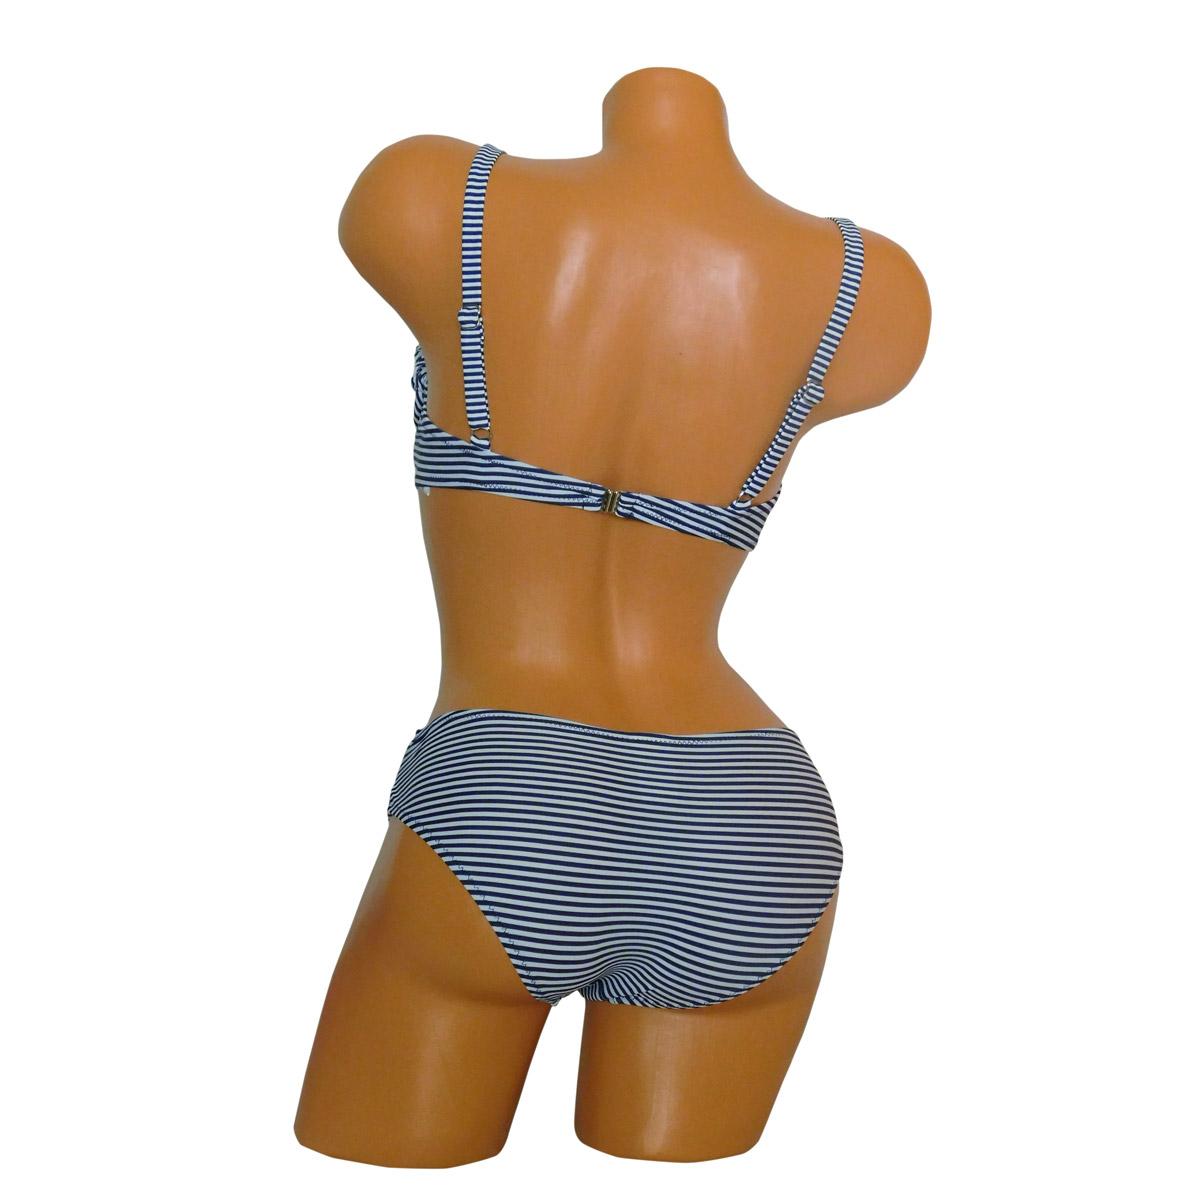 Trendi merevítős nagy kosaras bikini dísz övvel hátulról